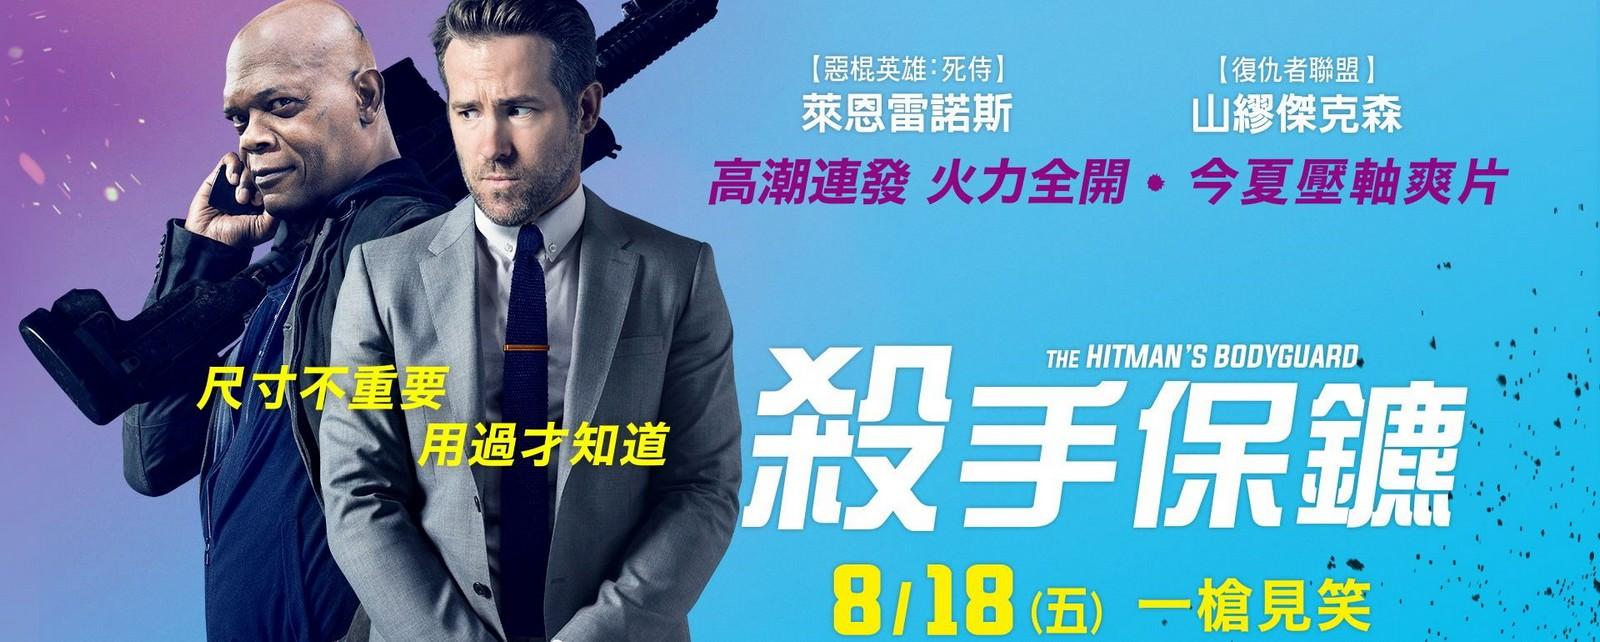 Movie, The Hitman's Bodyguard(美國, 2017) / 殺手保鑣(台灣) / 王牌保镖(中國) / 鑣救殺手(香港), 電影海報, 台灣, 橫版(非正式)